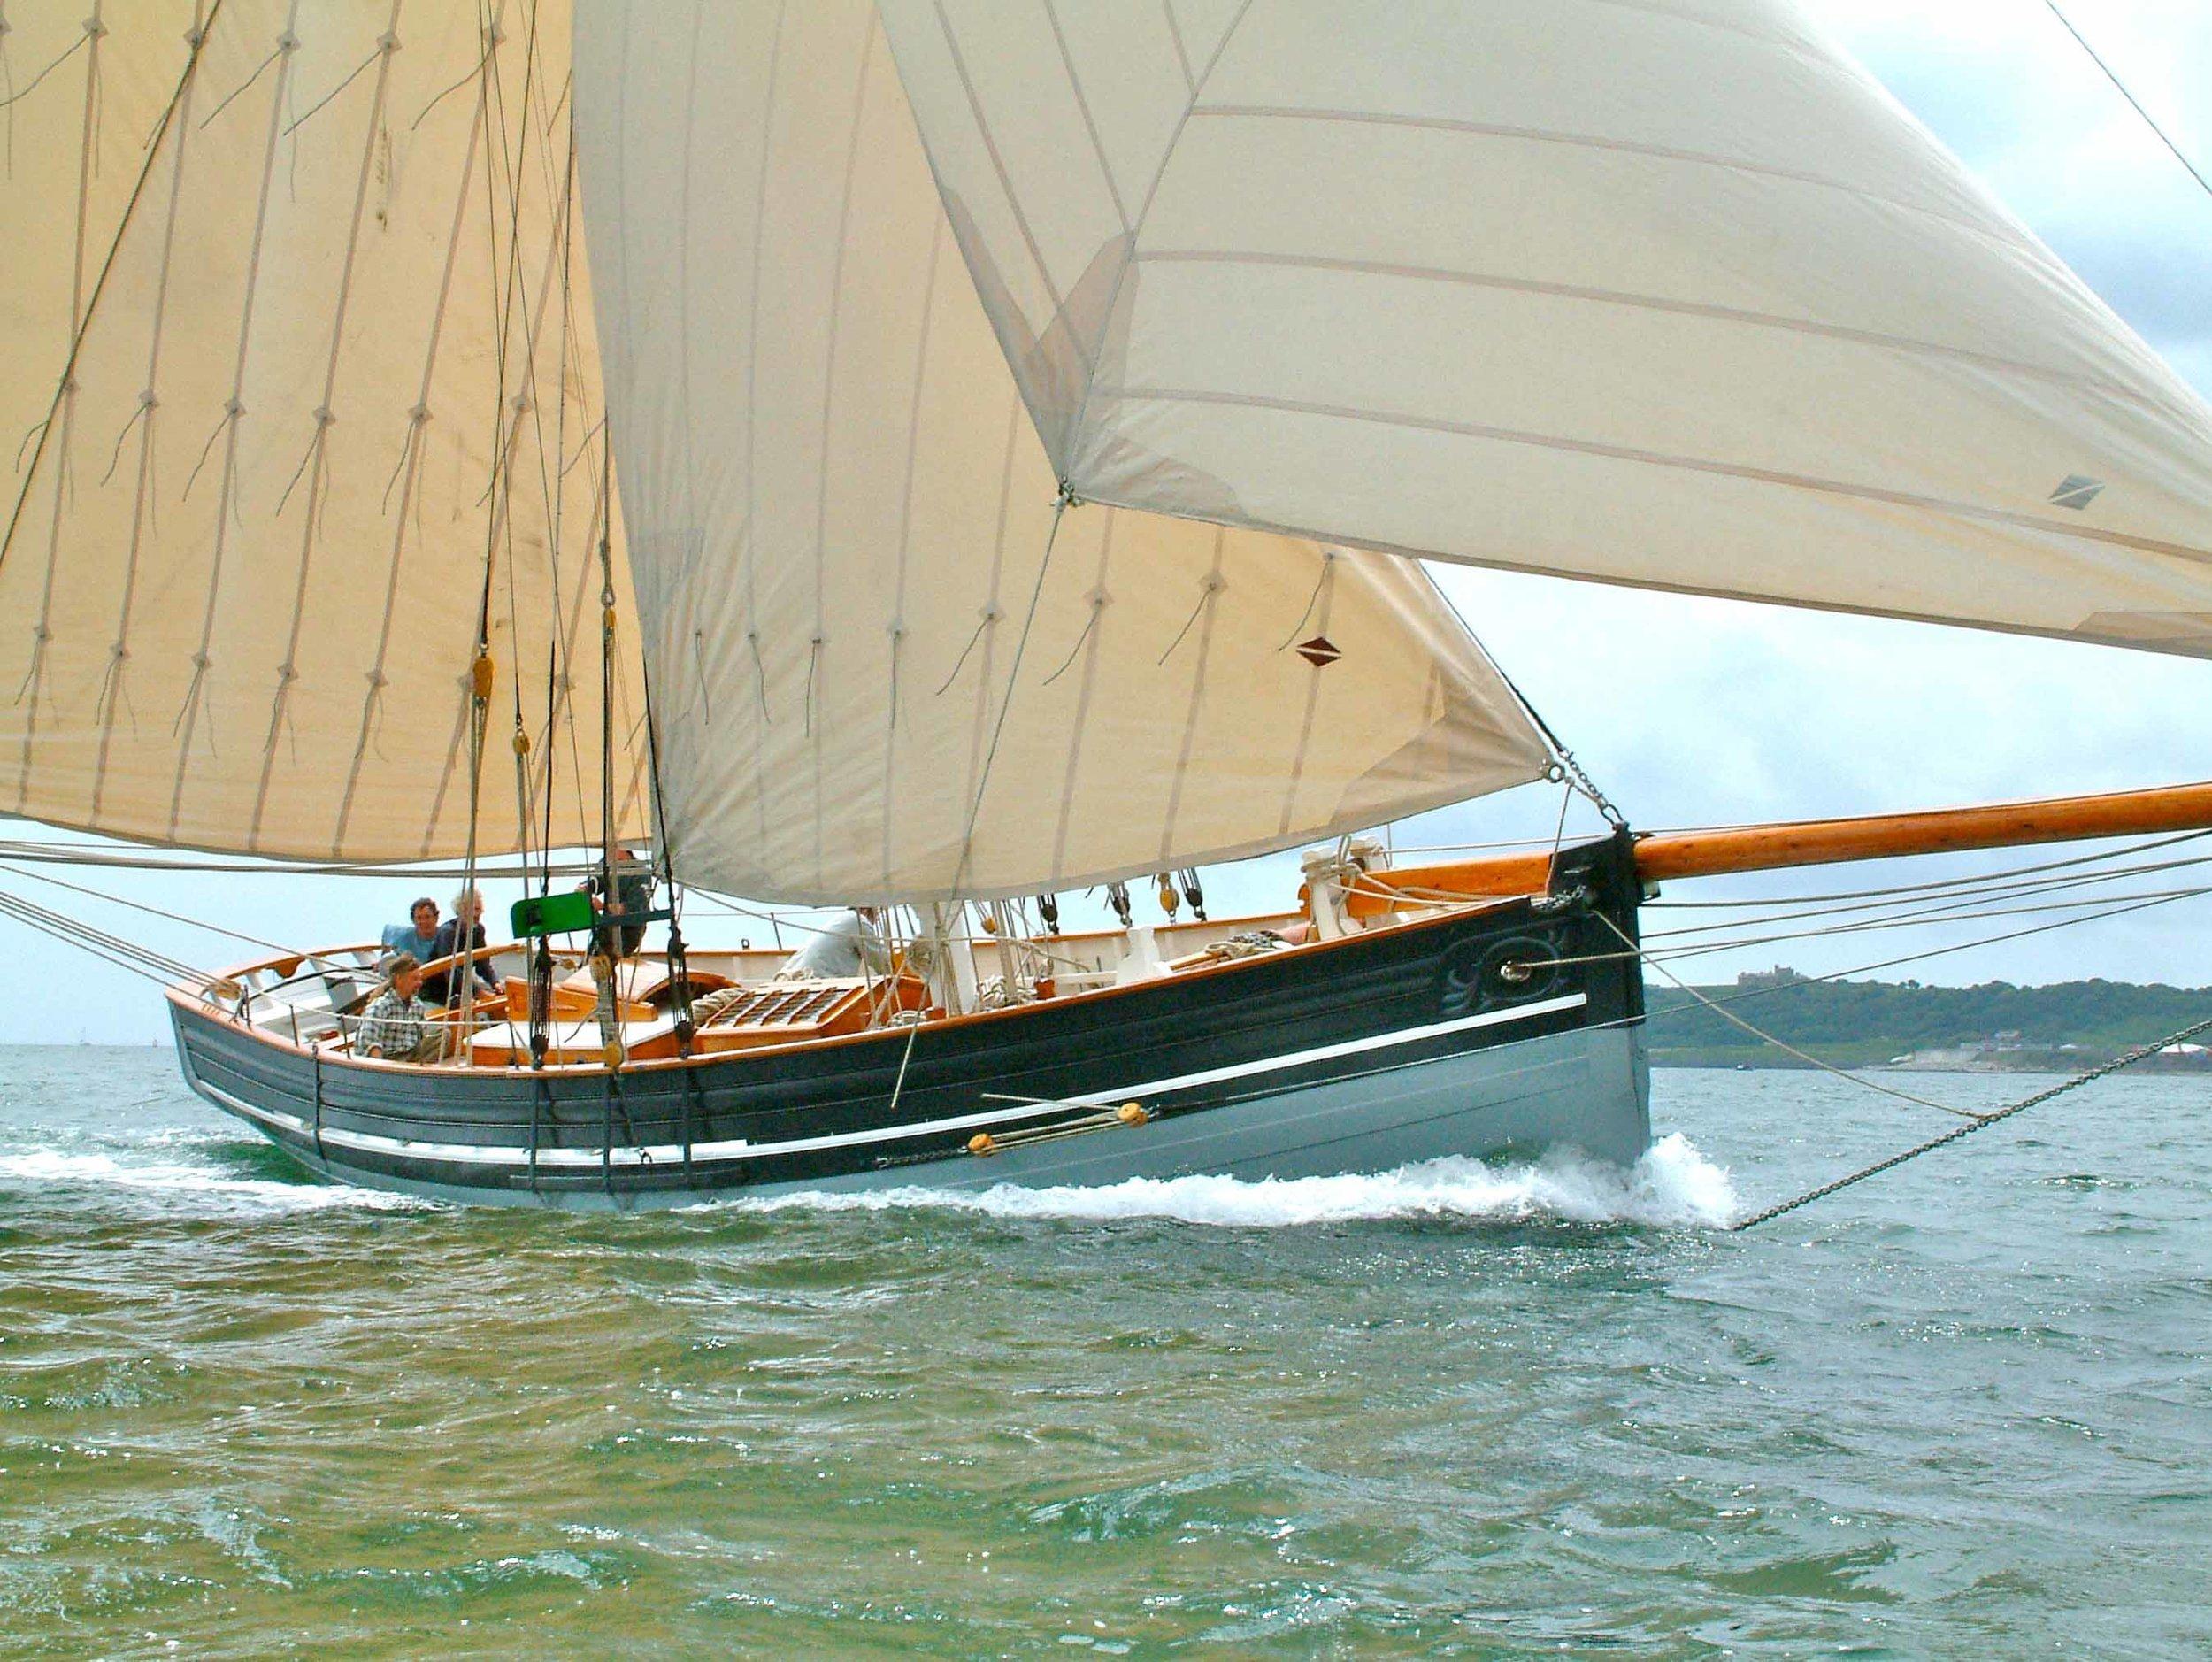 St agnes maiden voyage 2.jpg